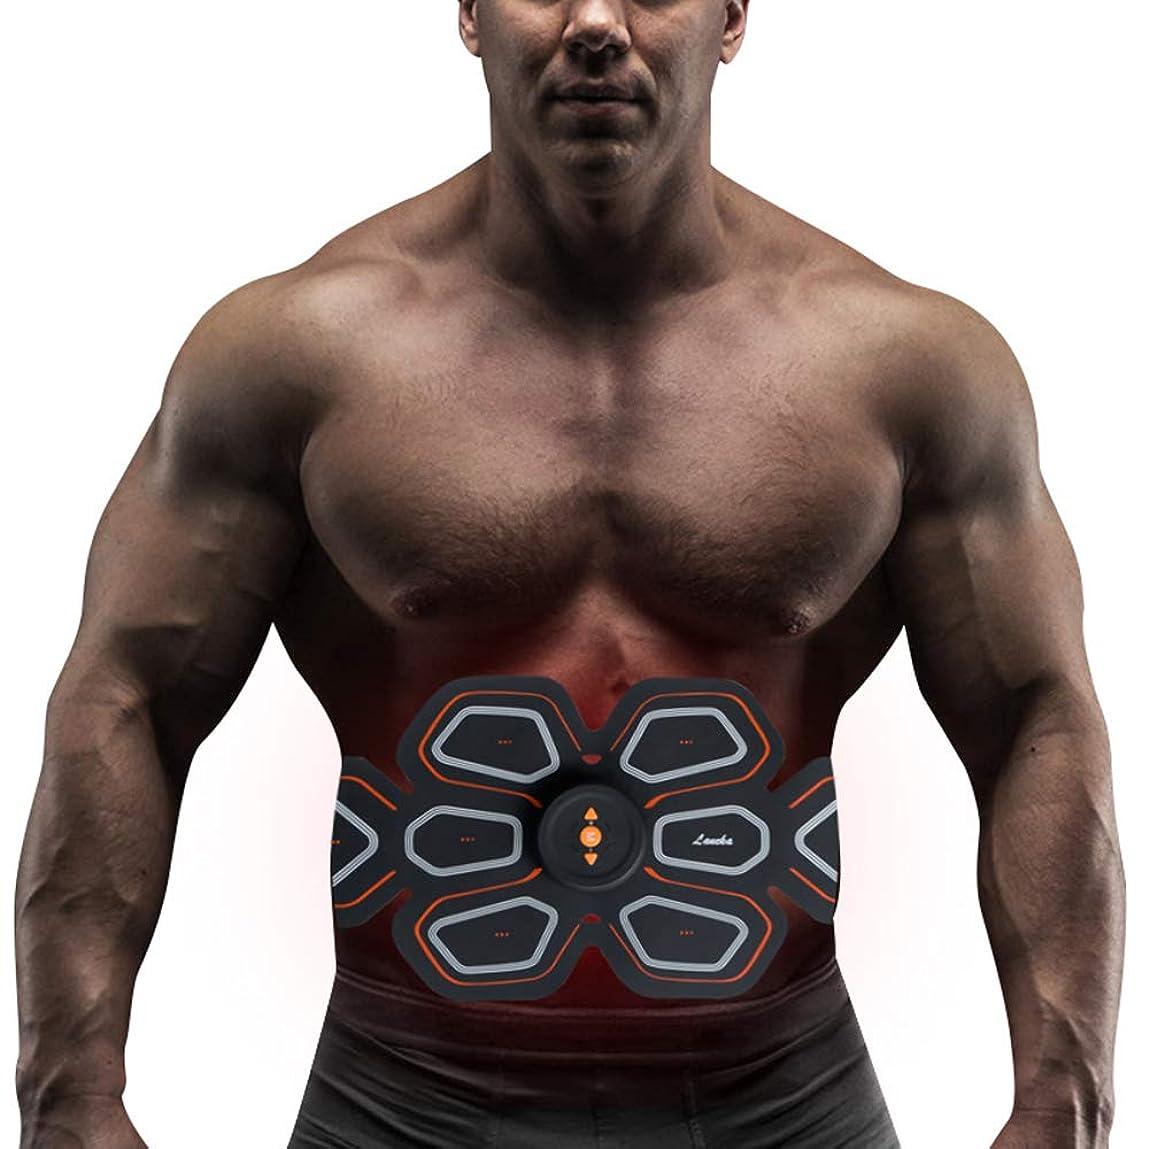 知覚する妖精のどスマート腹部筋肉トレーナーusb電気マッサージフィットネス機器EMS筋肉刺激装置体重減少マッサージスポーツフィットネス機器ユニセックス